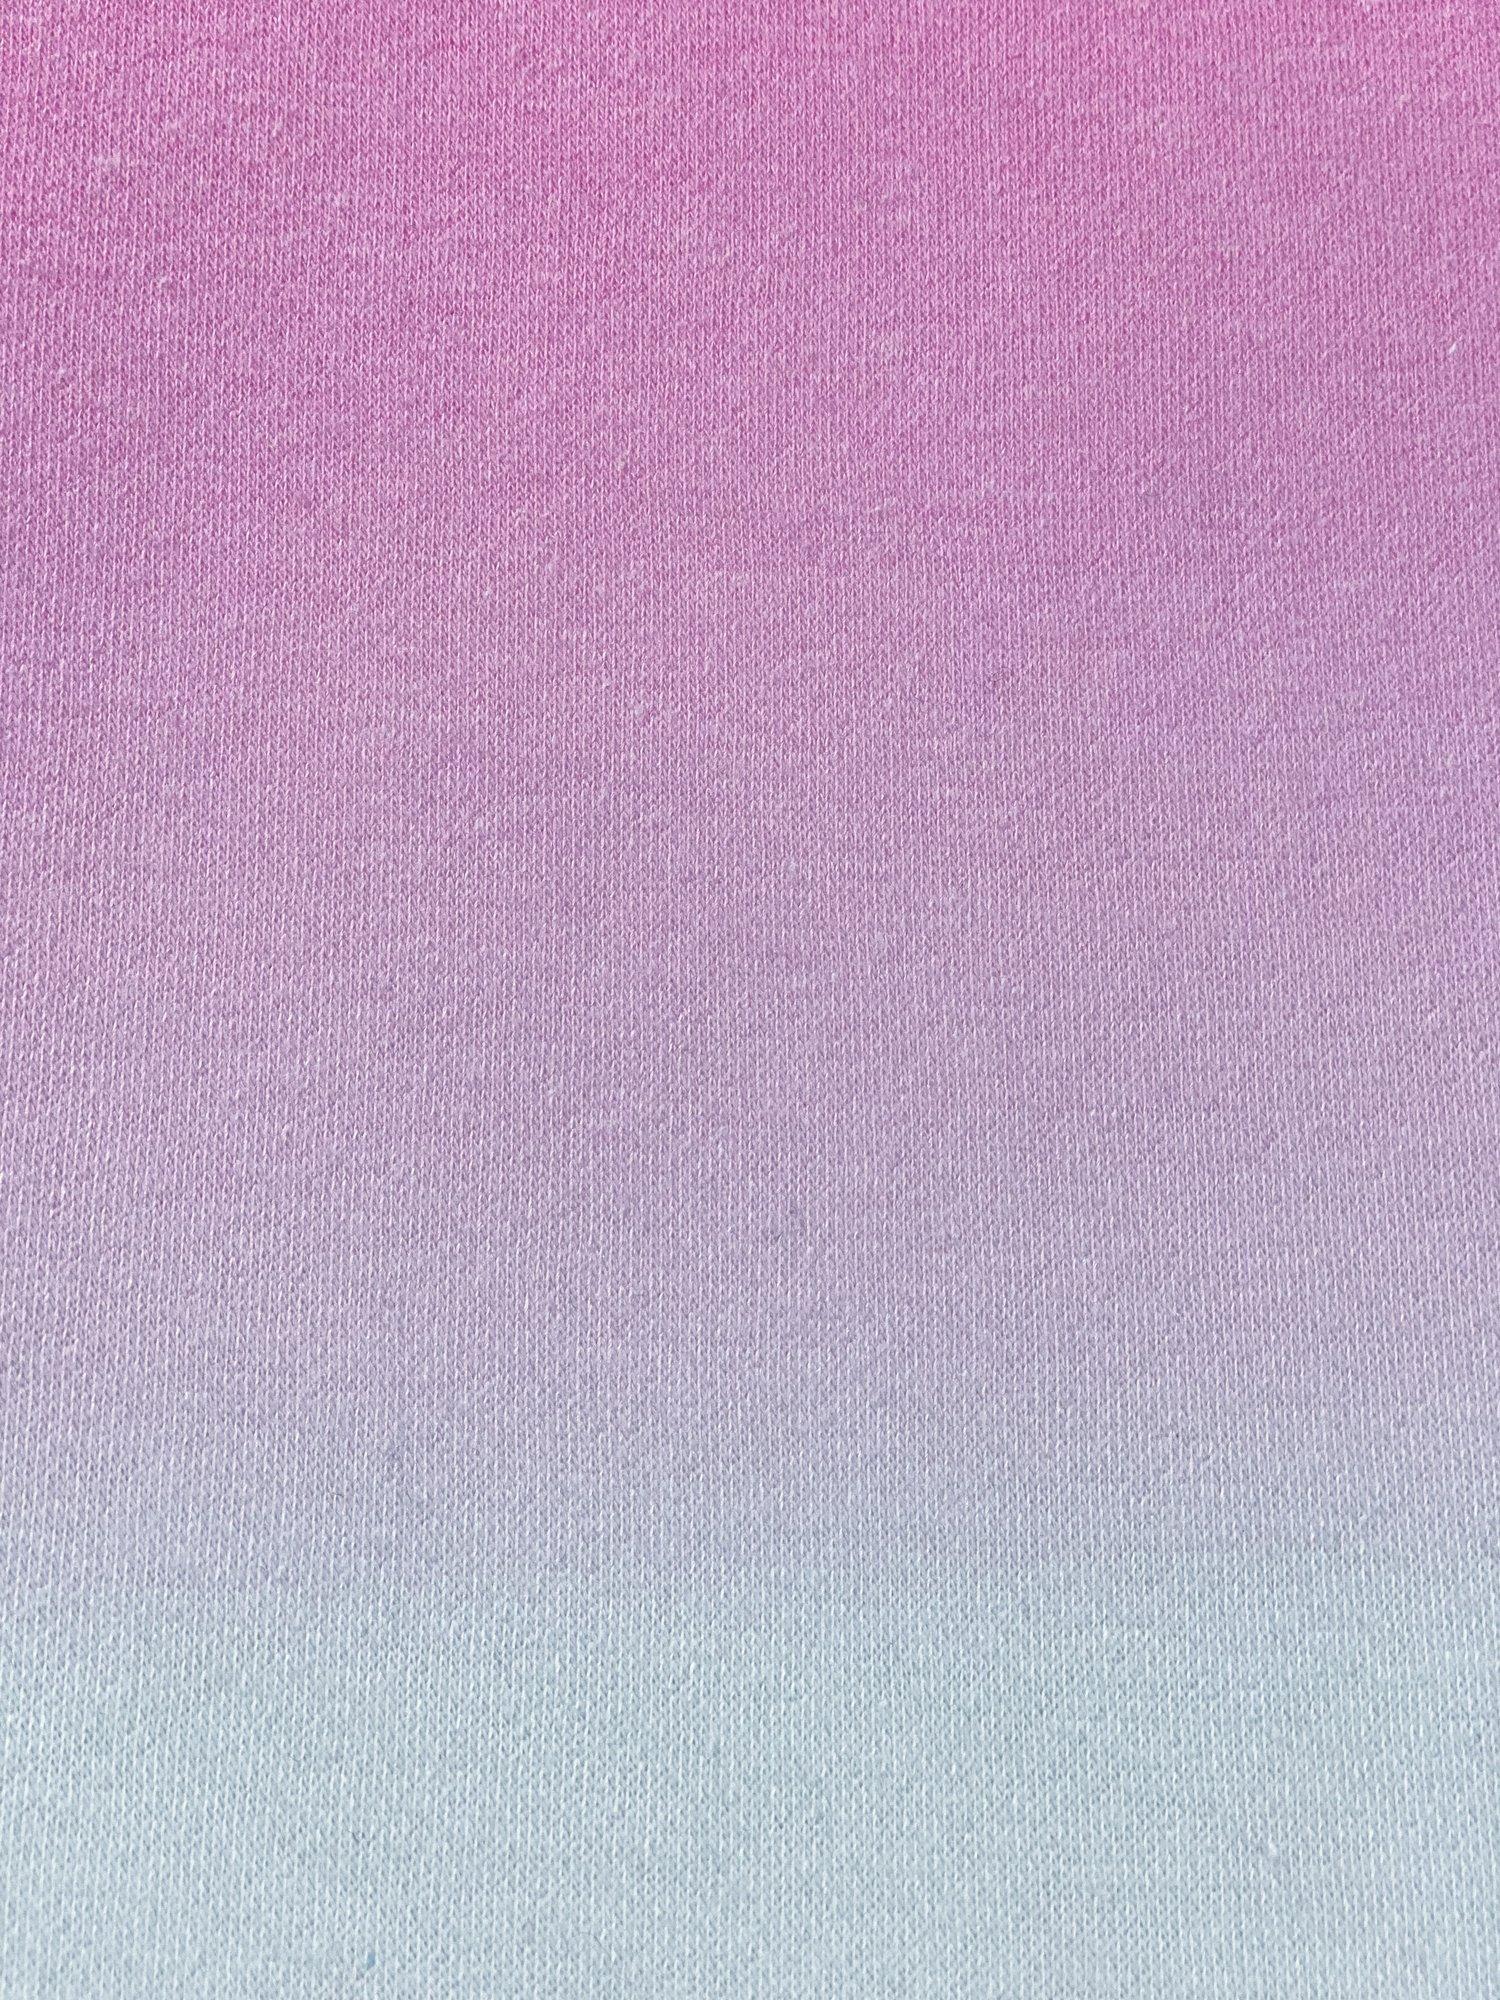 Image of Pink Dip Dye Hoodie